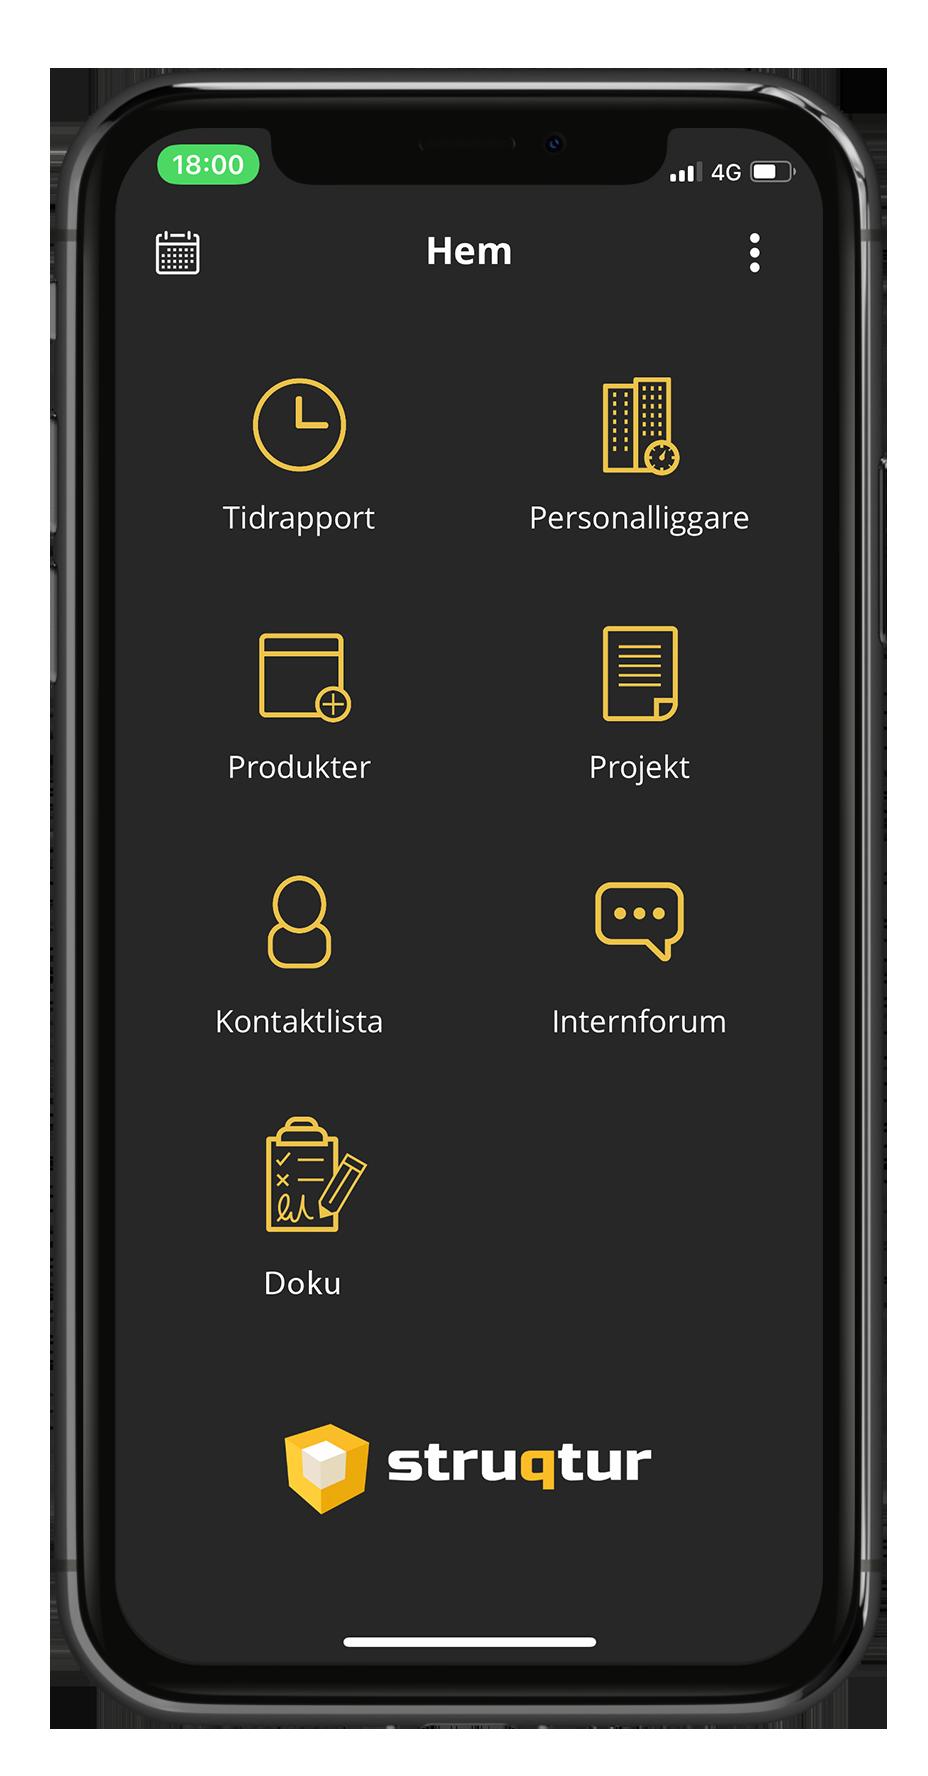 Struqturs byggbransch app